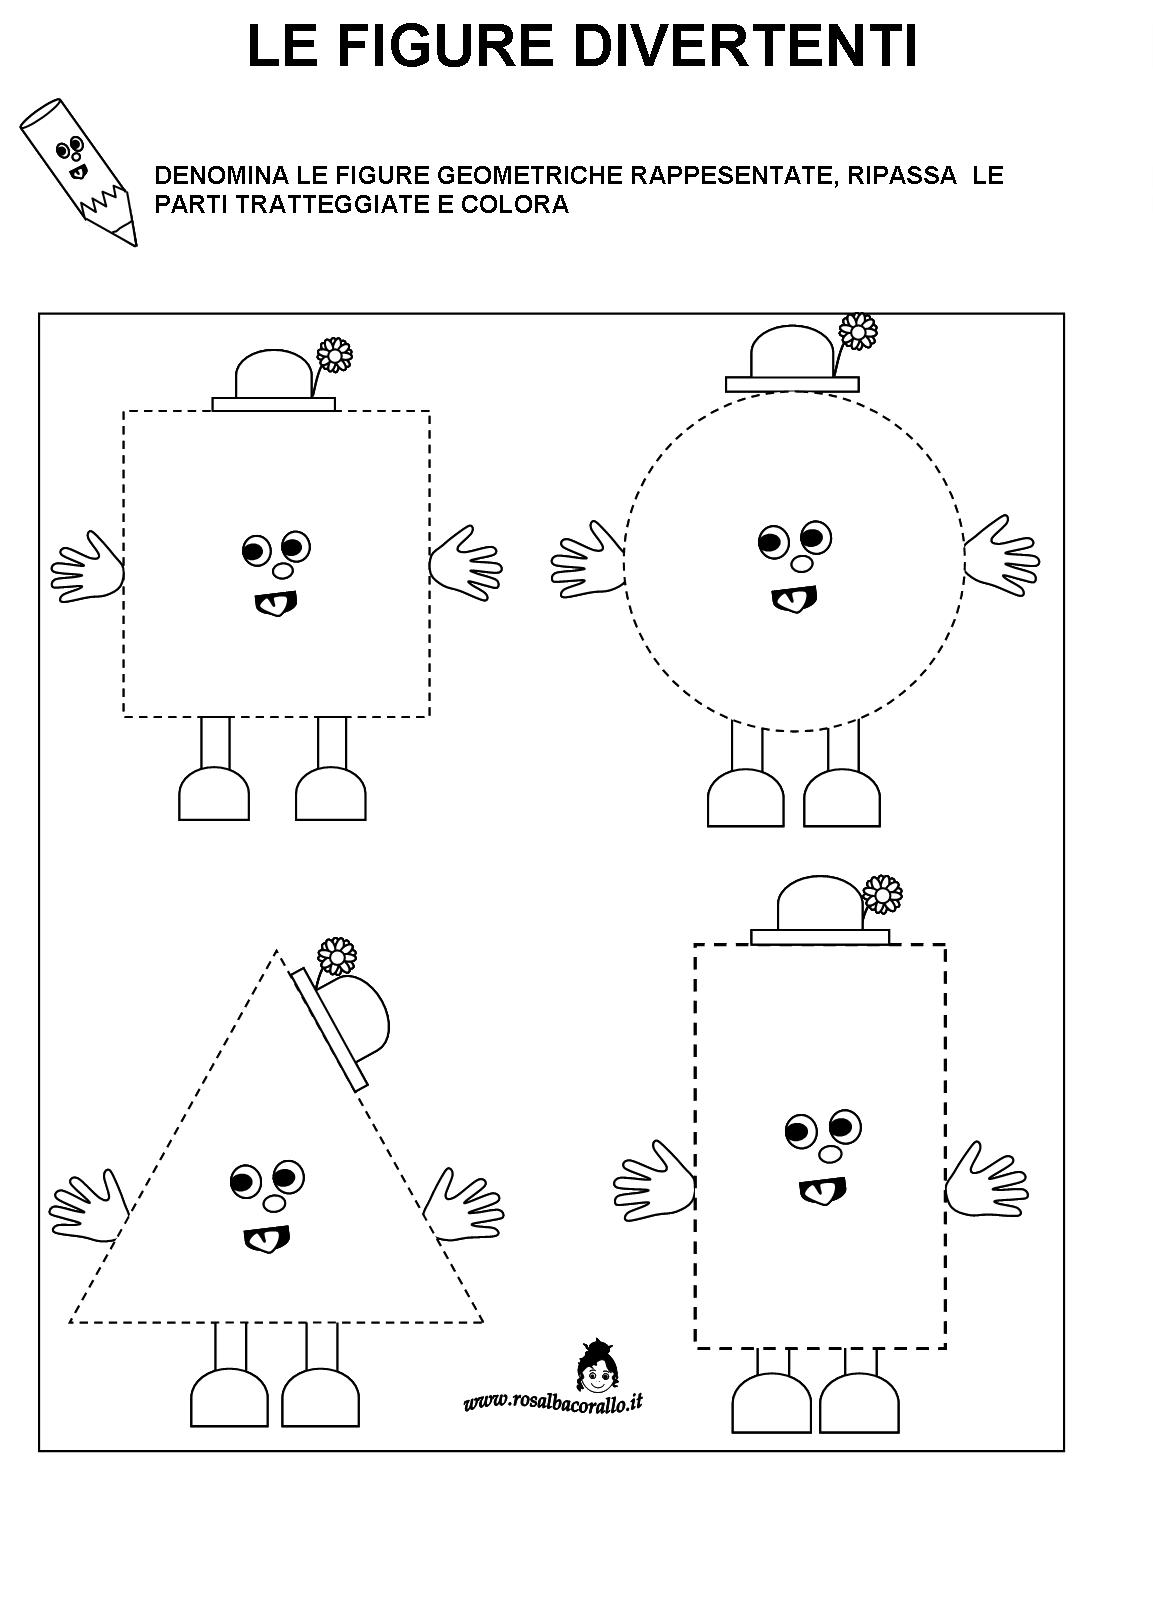 spesso Schede didattiche Figure geometriche per bambini di 4/5 anni CT26